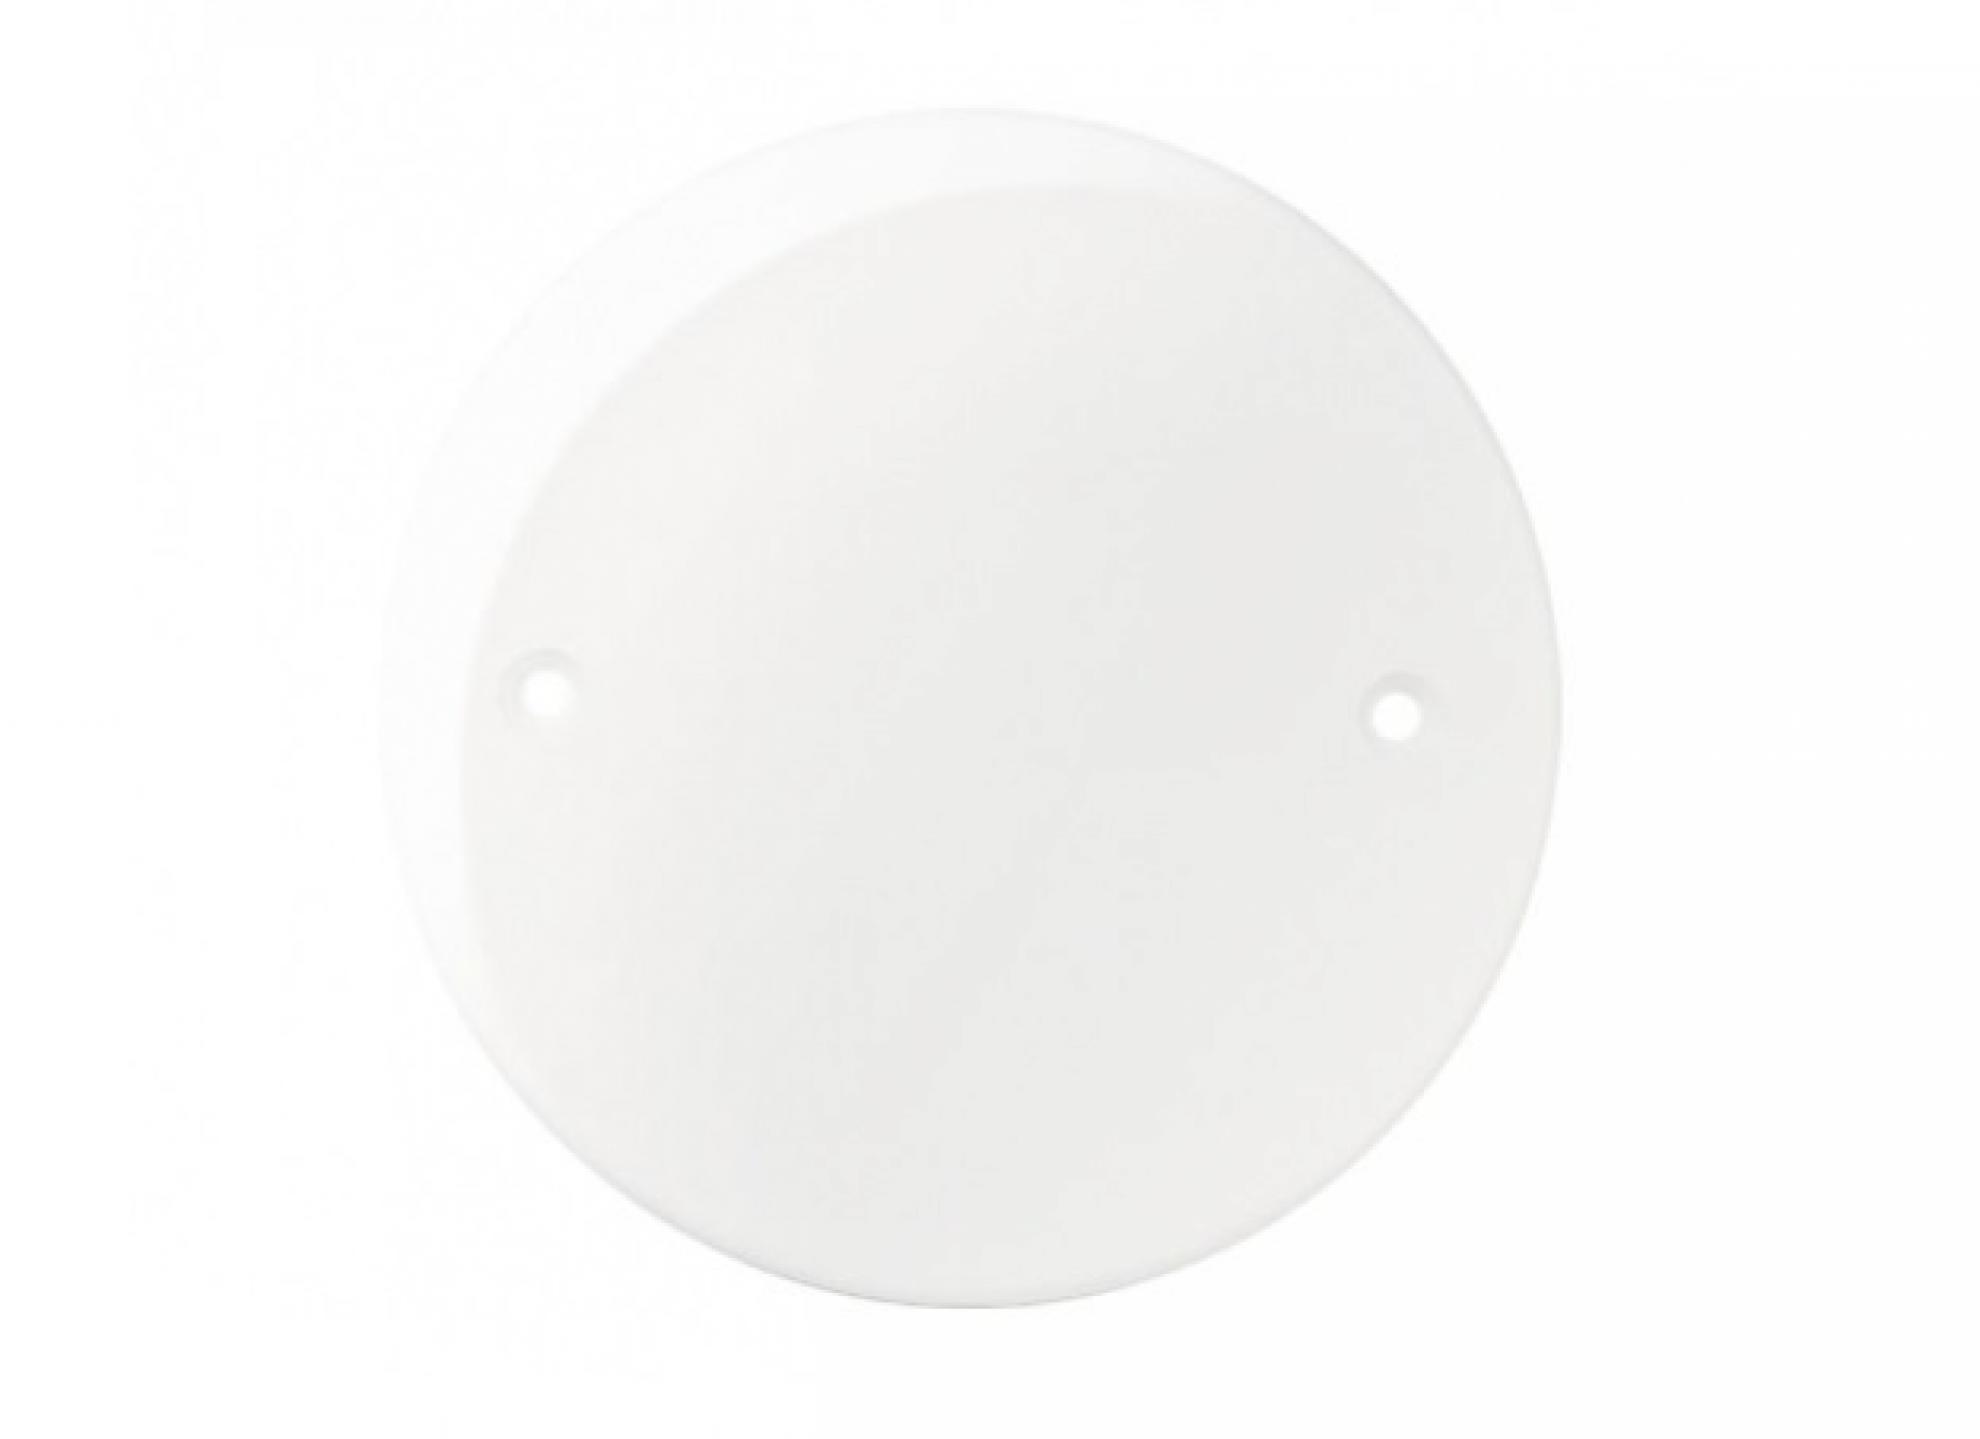 Placa Redonda 4 polegadas - Branco